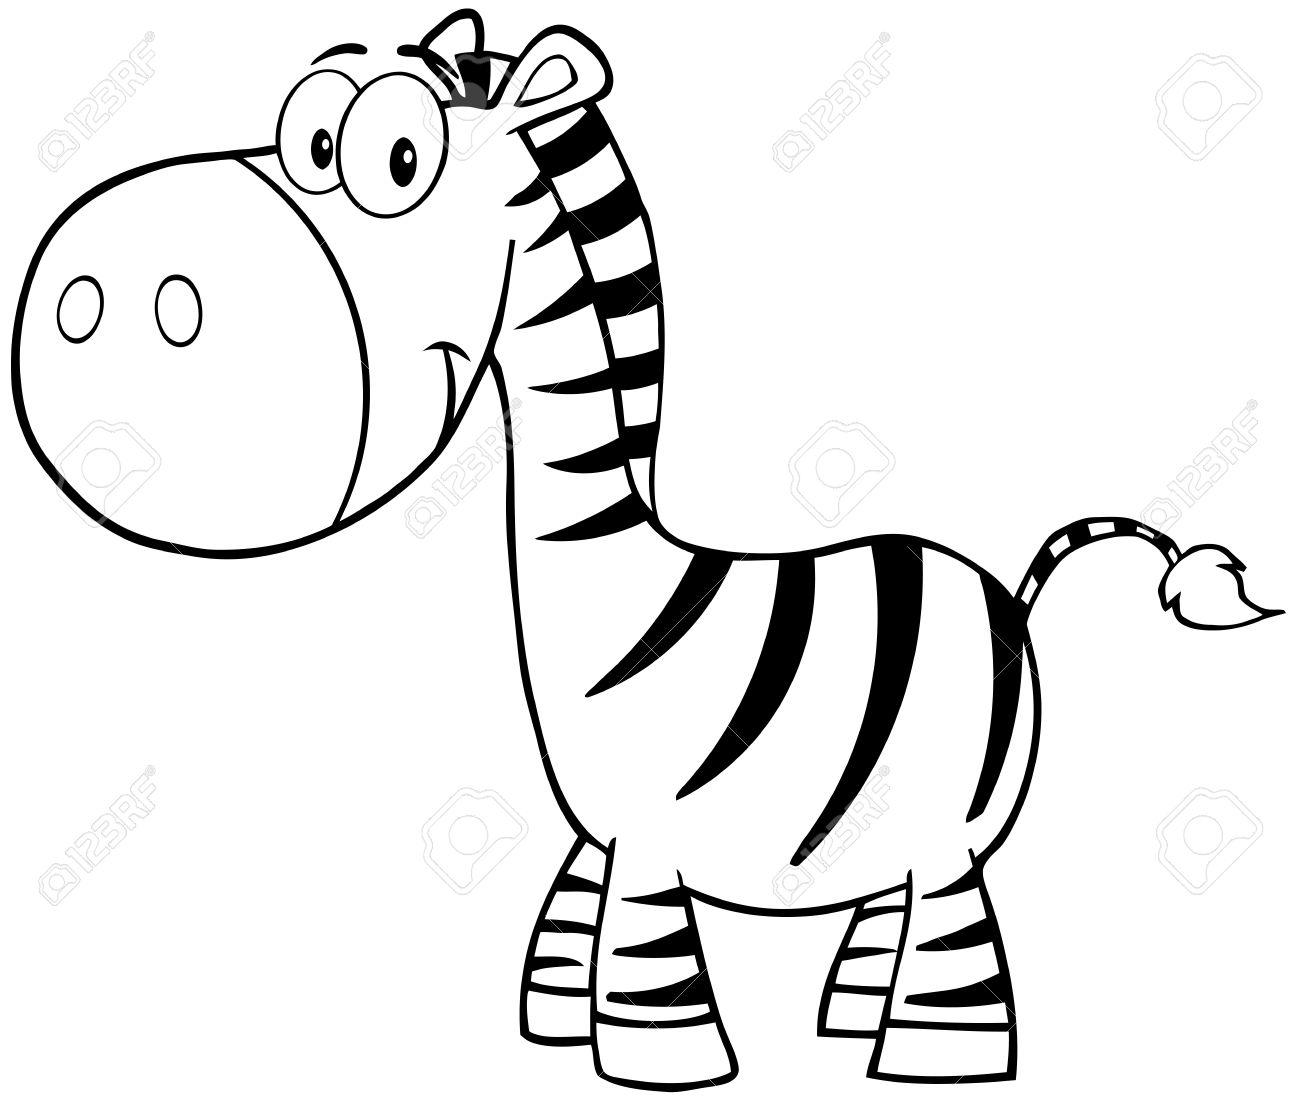 1300x1102 Zebra clipart mascot